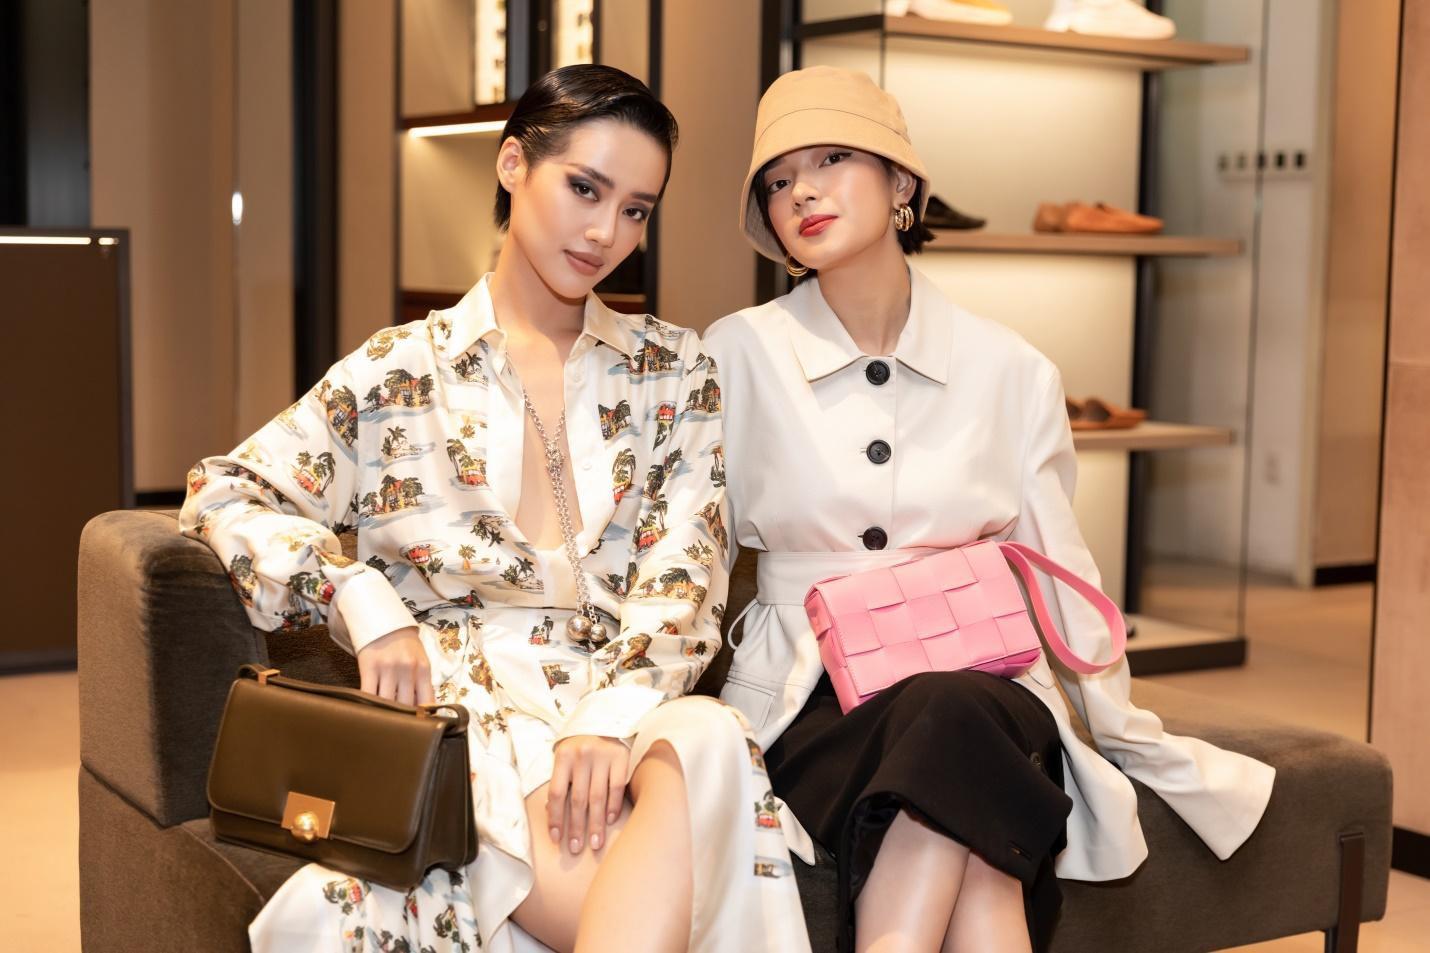 Bottega Veneta ra mắt BST mới: Dàn sao Việt yêu thời trang tụ hội, cùng khoe cá tính - Ảnh 6.